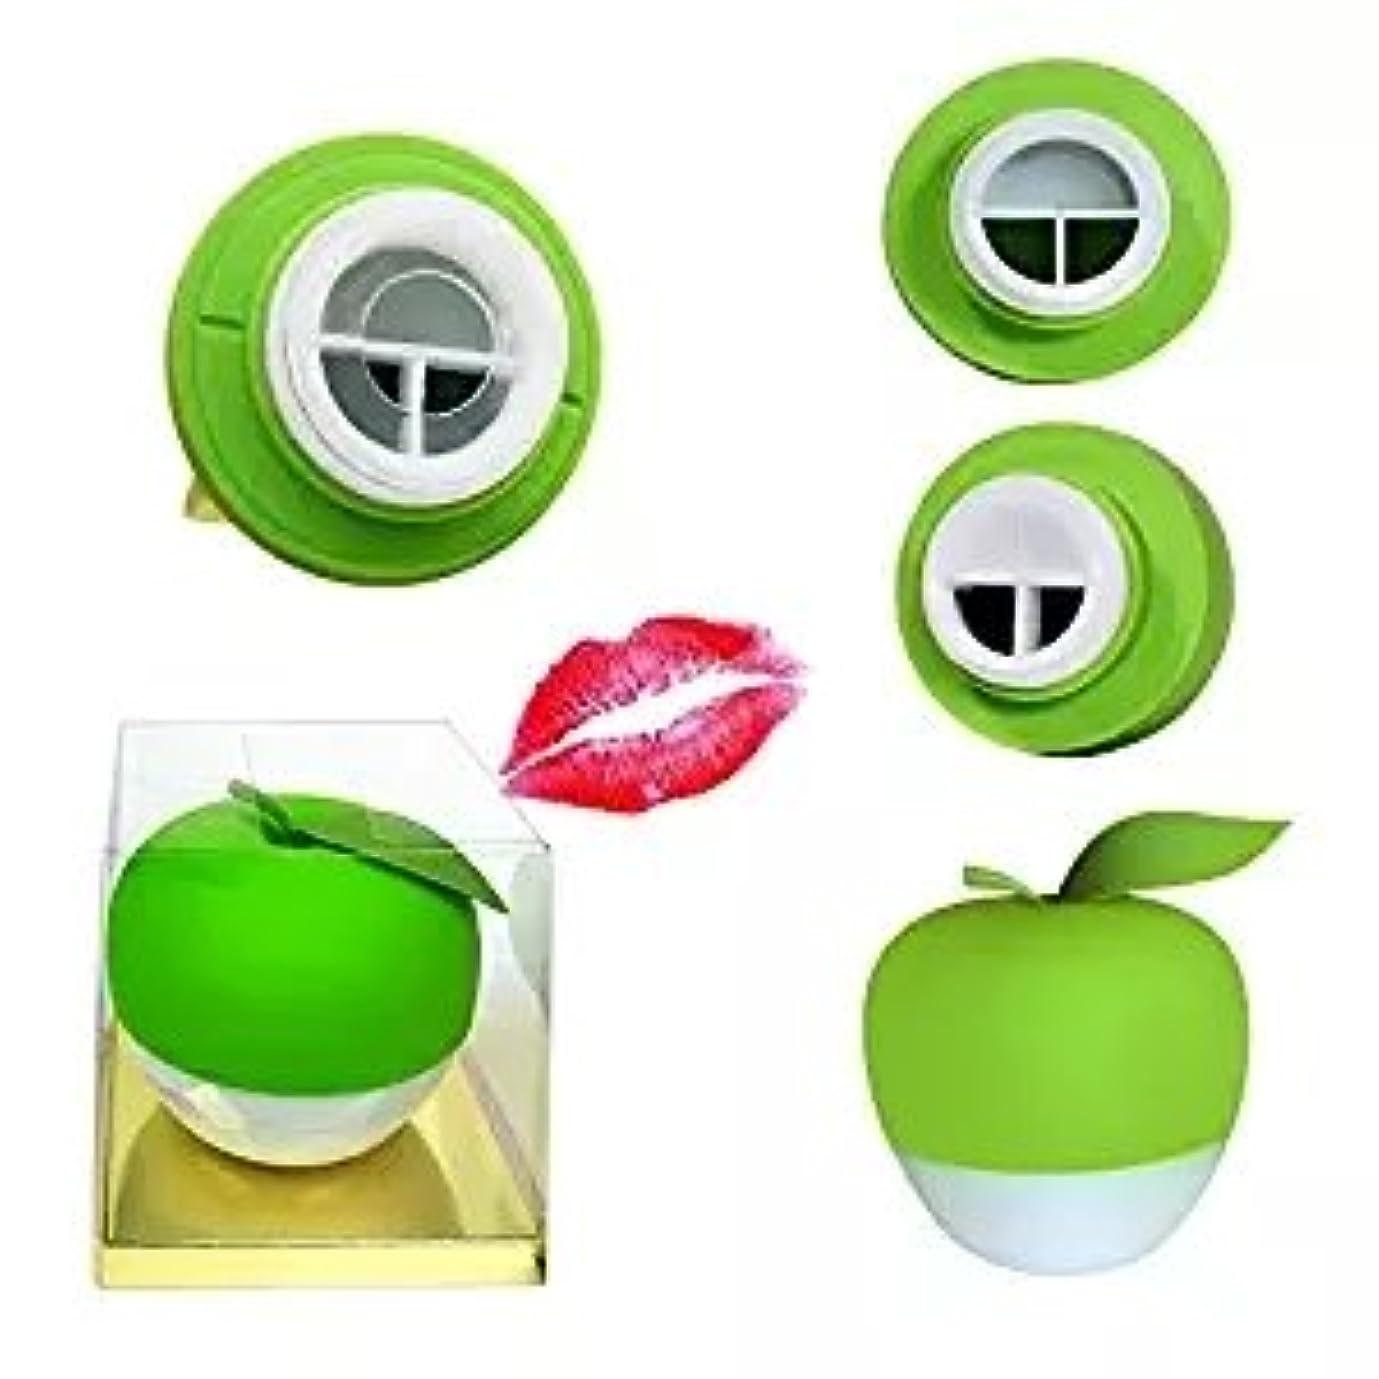 太陽申込み文明化Yartar リップエンハンサー セクシーリップス  シリコン製 コンパクト ピンク Lip Plumper (グリーン)